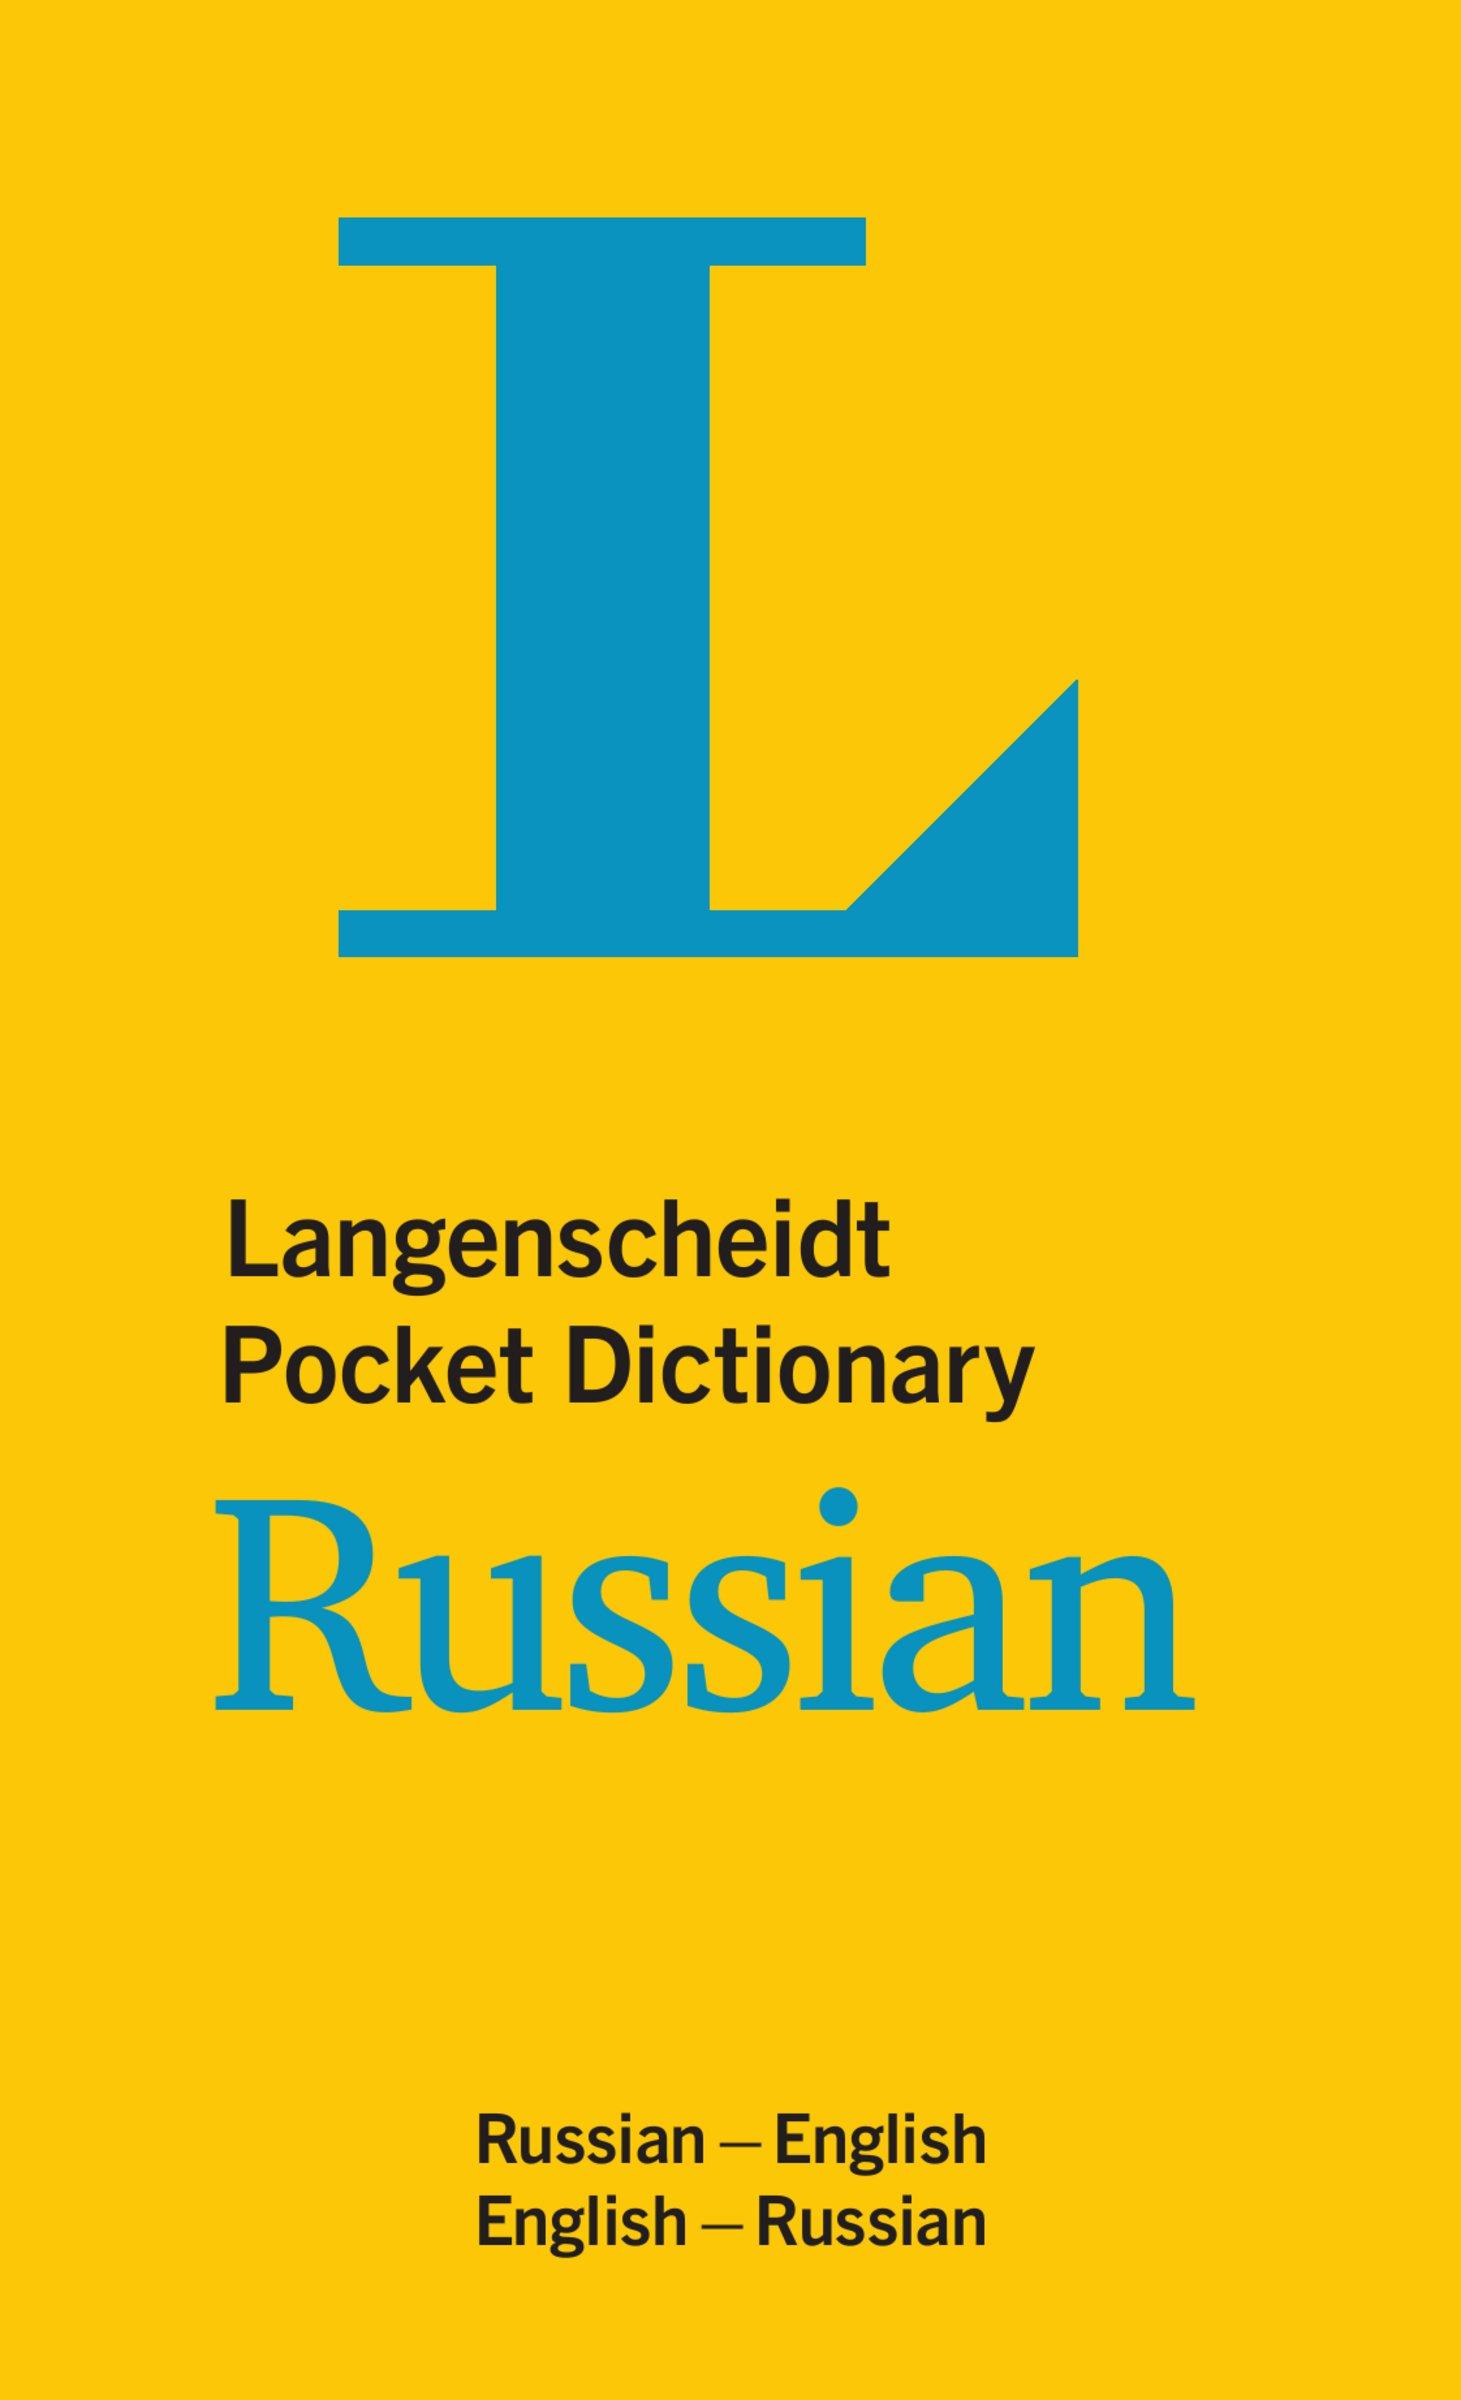 Langenscheidt Pocket Dictionary Russian: Russisch-Englisch/Englisch-Russisch (Langenscheidt Pocket Dictionaries)